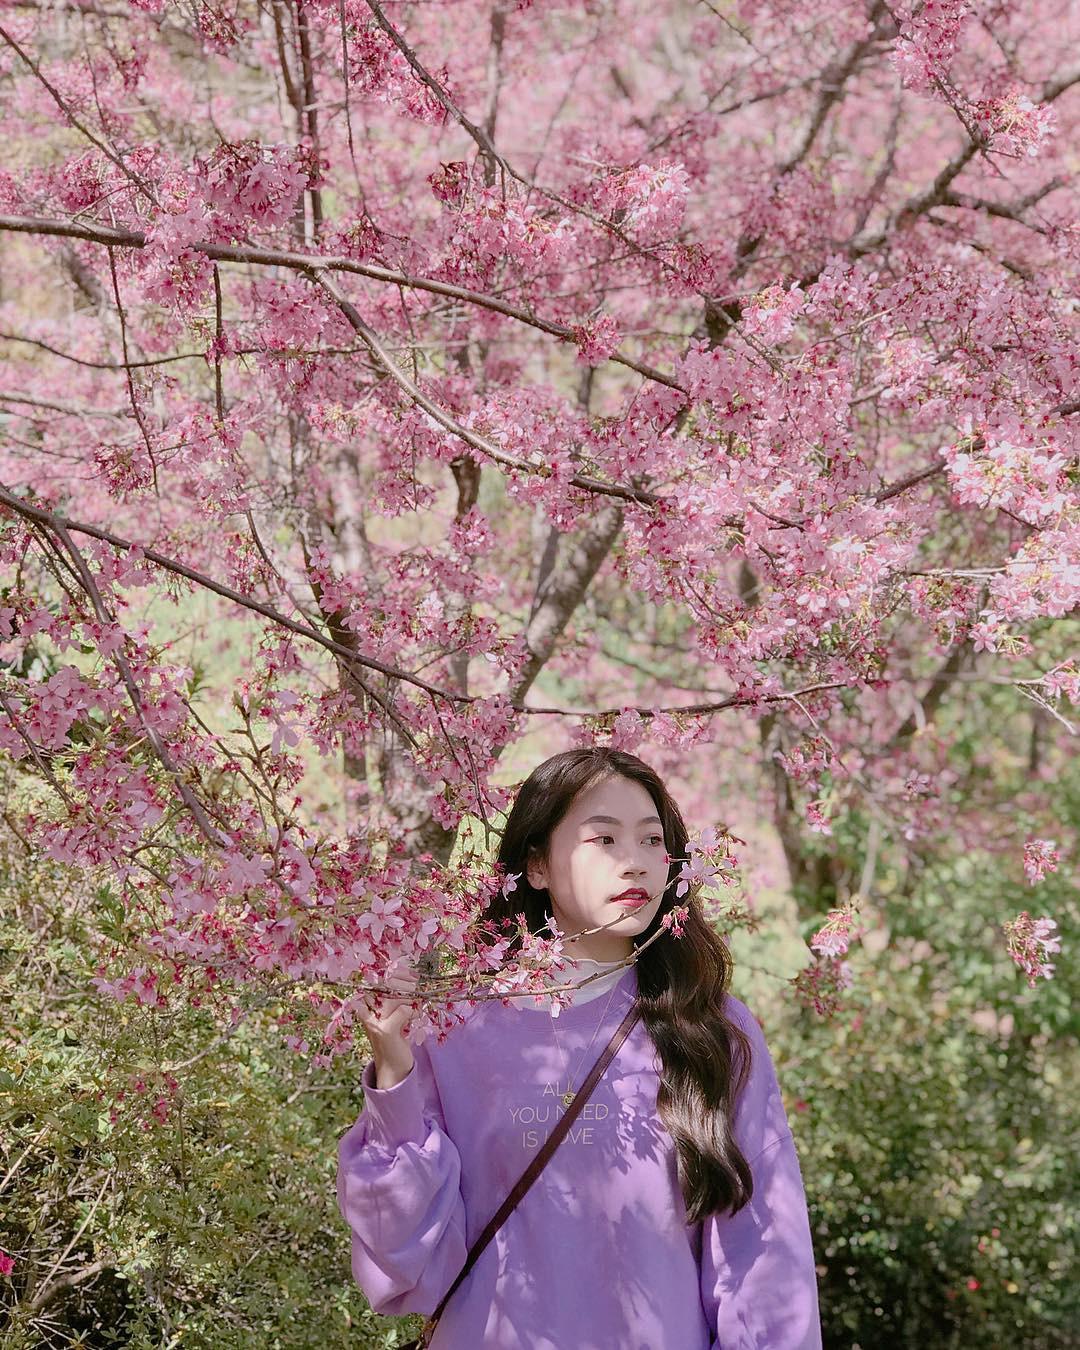 Đài Loan: Hoa anh đào lại nở rợp trời, tạo điều kiện cho trai gái dập dìu chơi xuân - Ảnh 16.